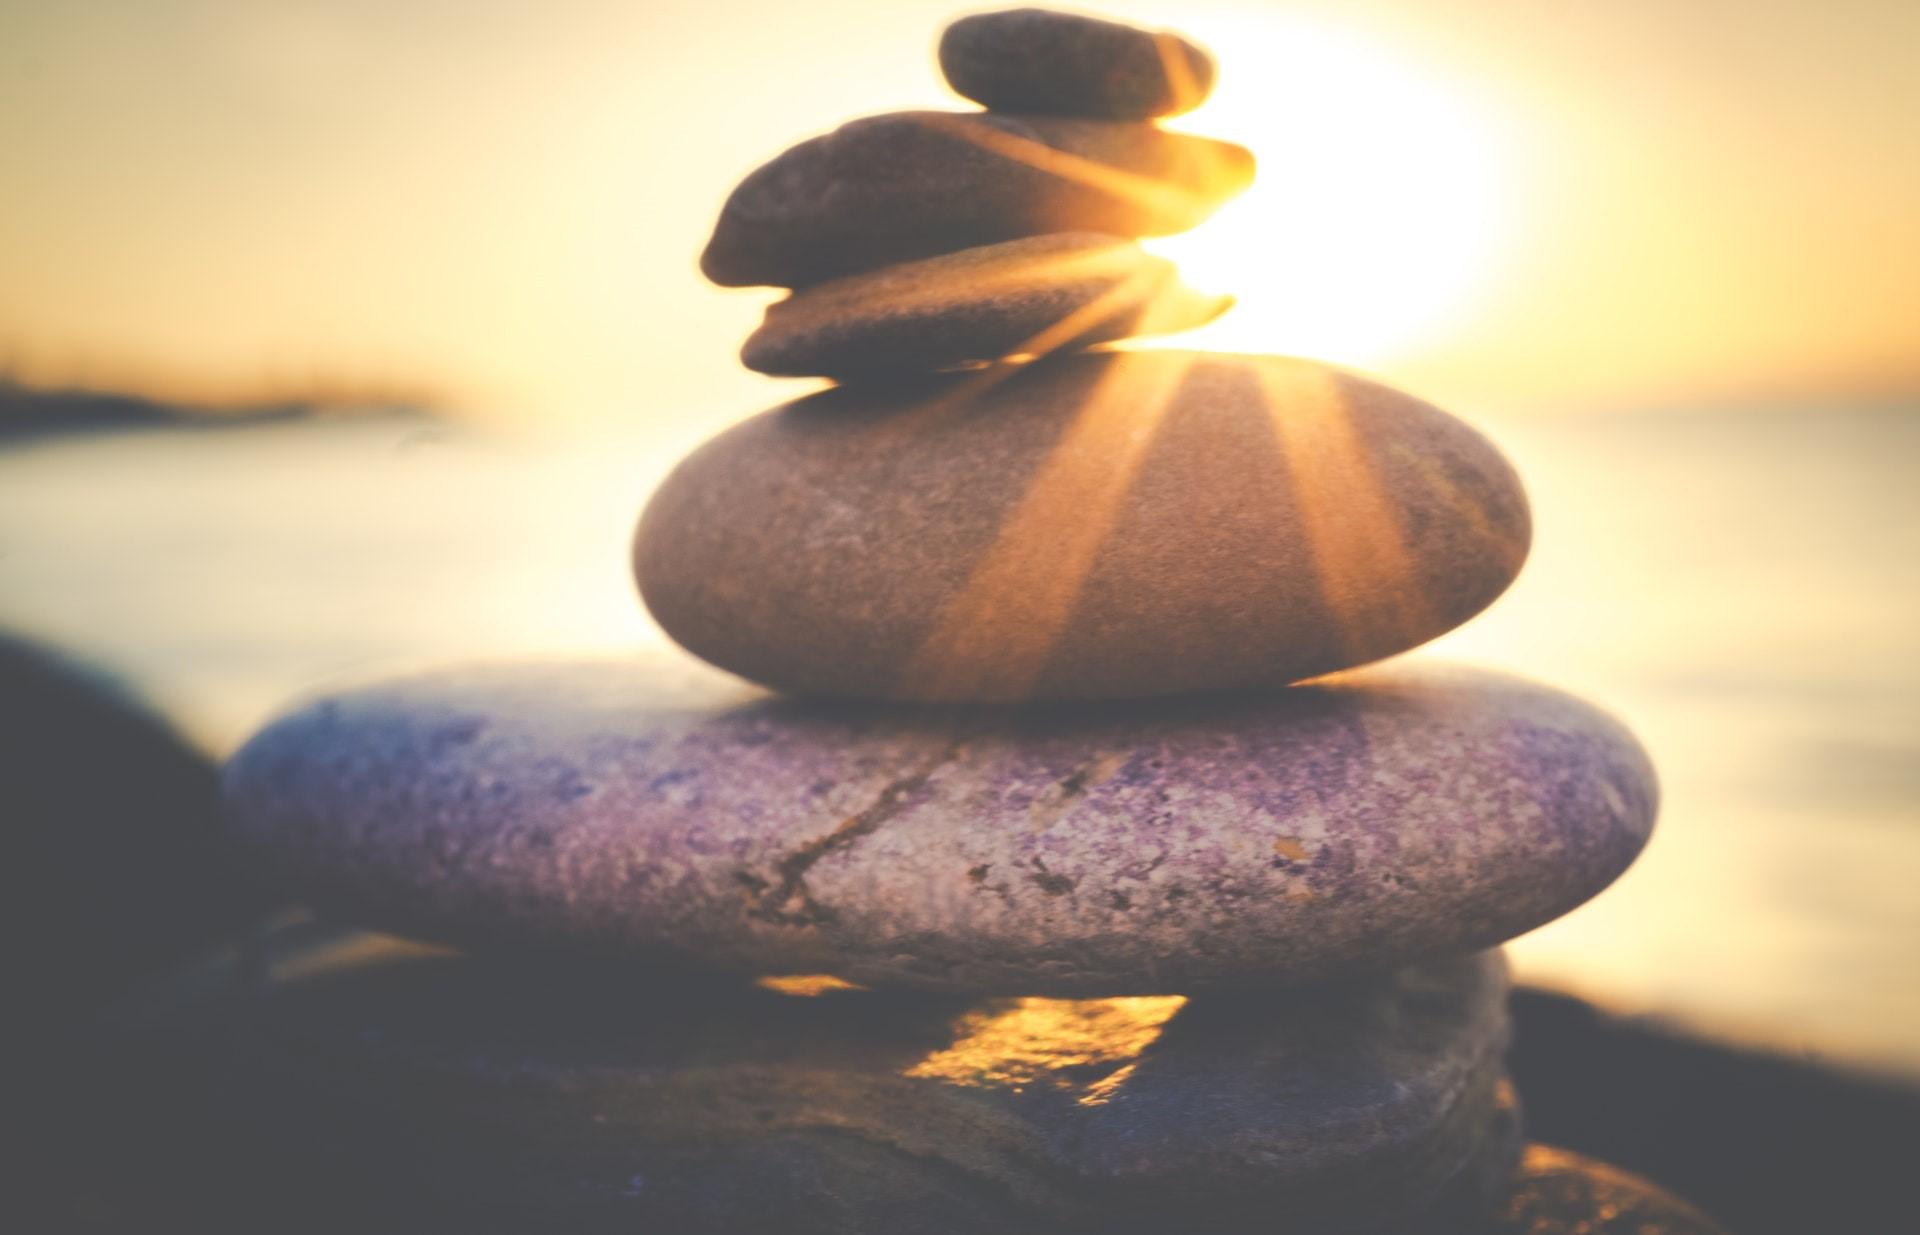 Kleine, runde Steine sind überinander gestapelt und ausbalanciert. Im Hintergrund geht die Sonne unter.